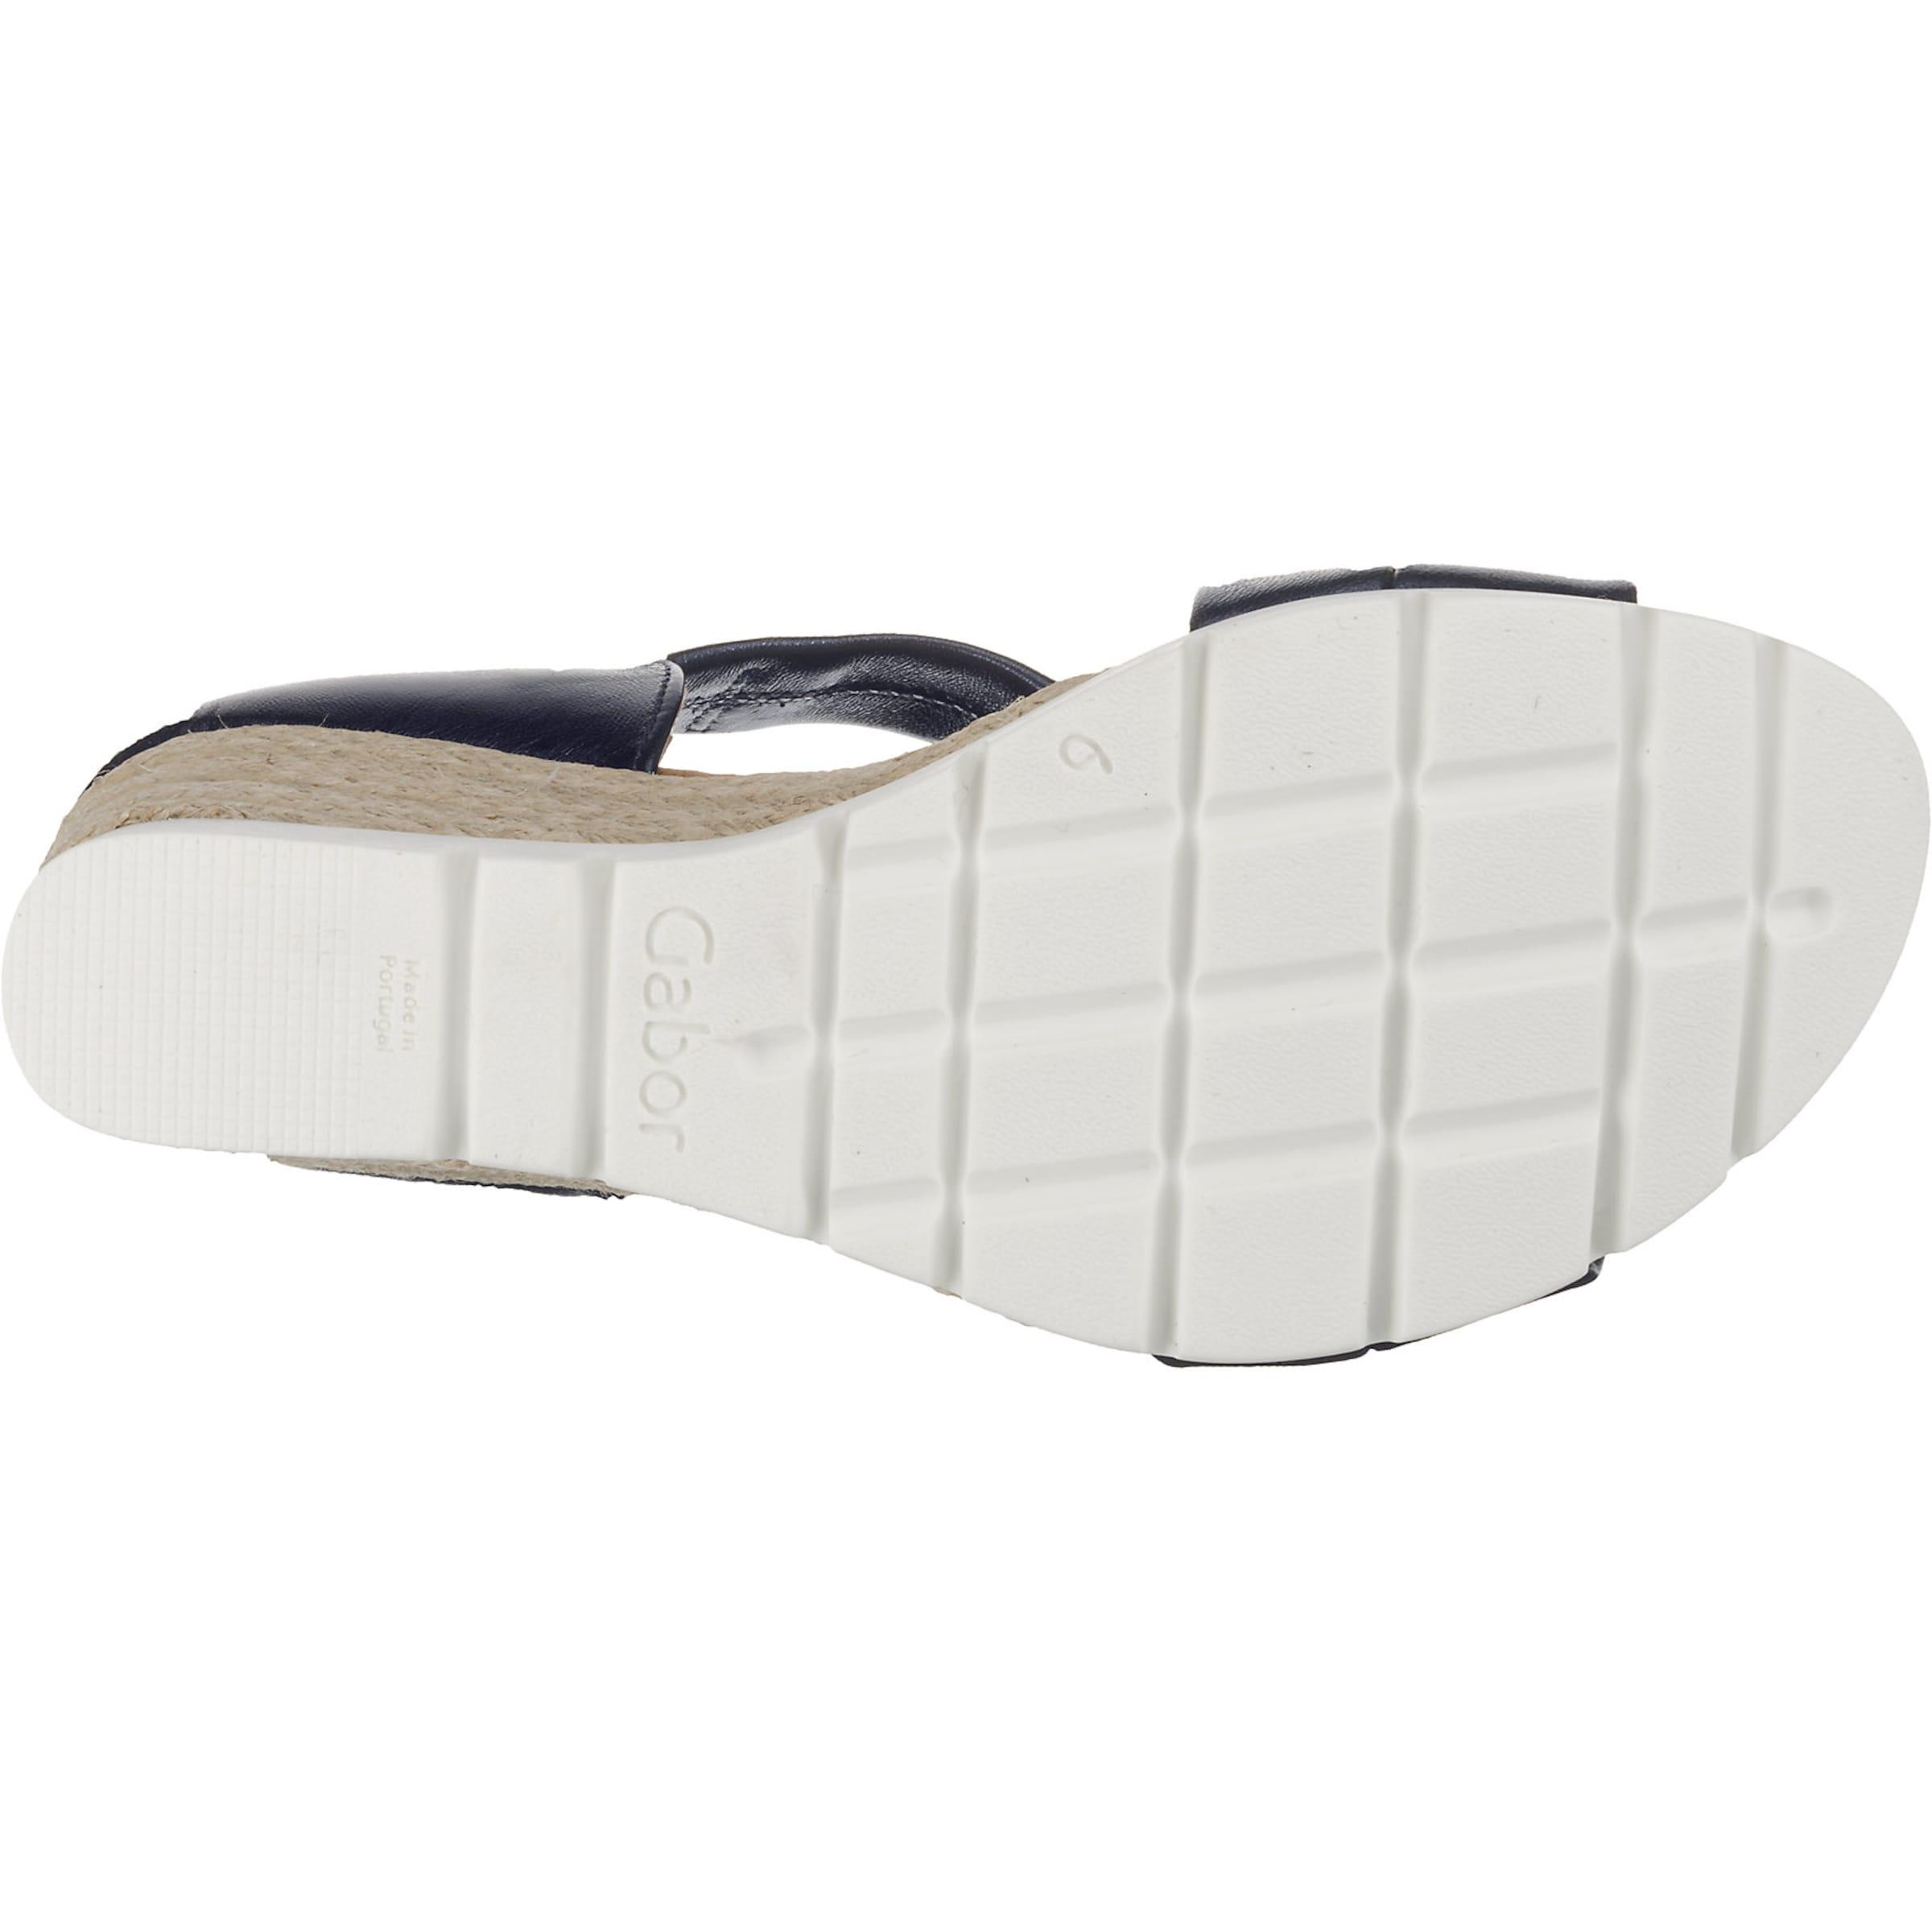 BeigeDunkelblau Gabor Sandaletten In Weiß Gabor BeigeDunkelblau Gabor In Weiß Sandaletten UMGVpLqjSz